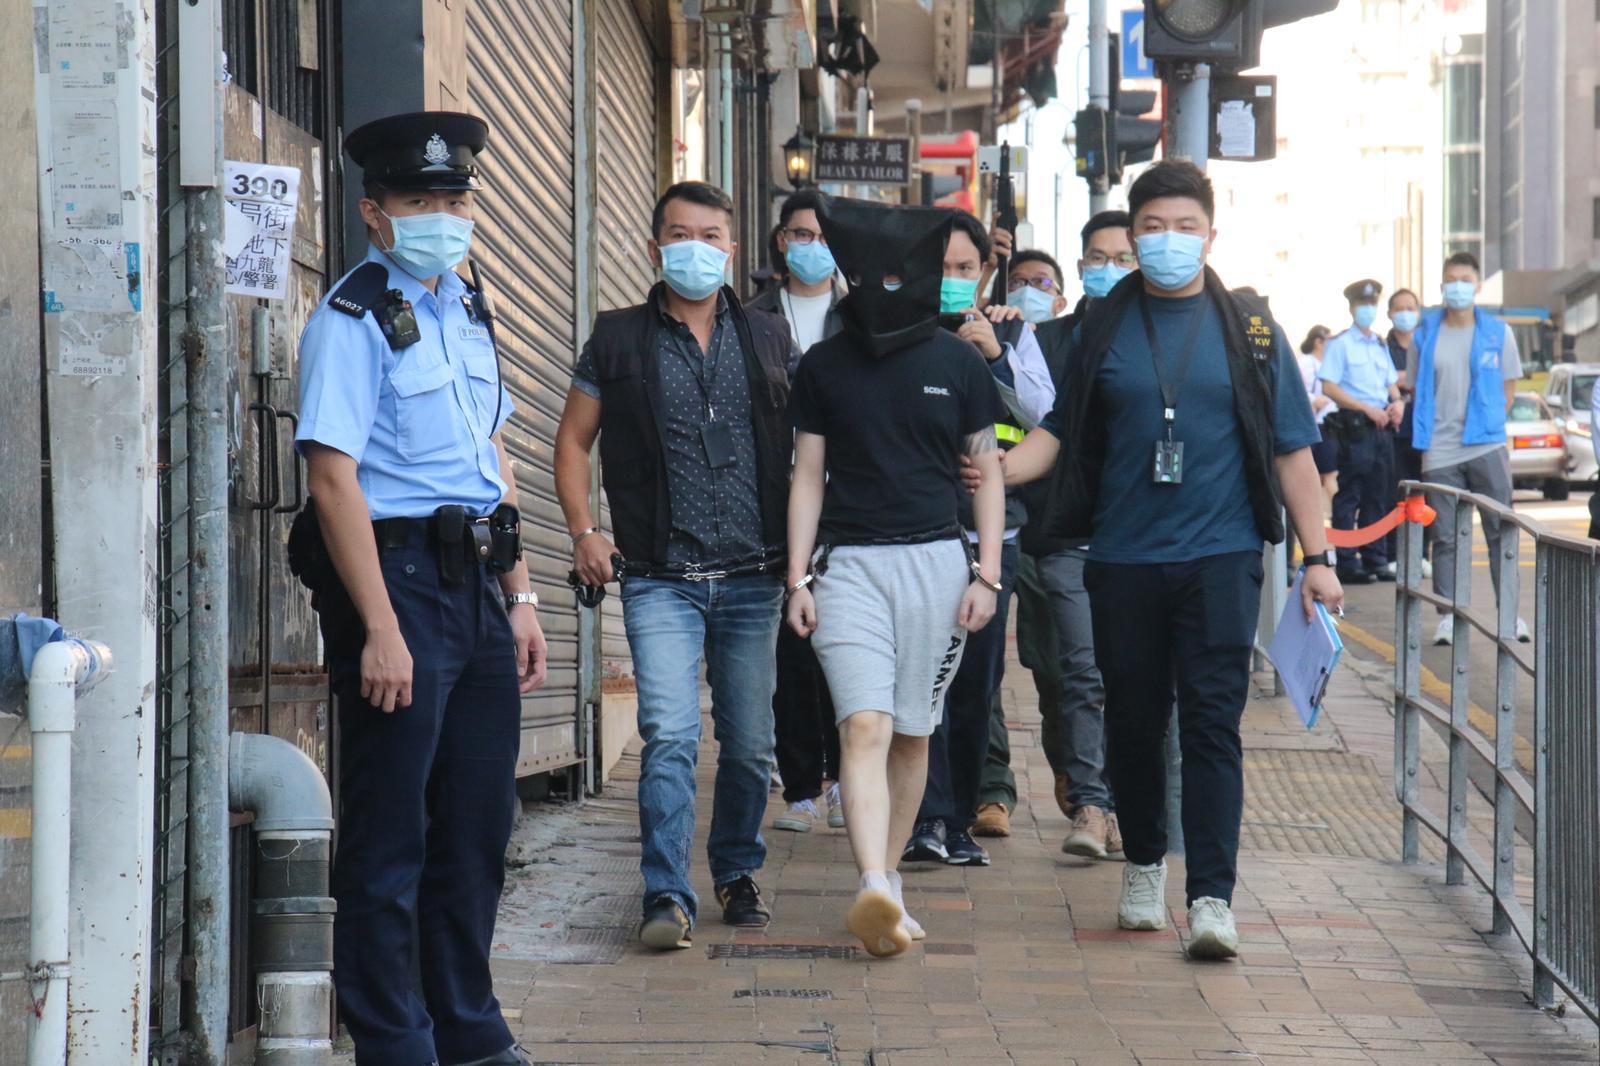 尖沙咀6日晚一間酒吧發生謀殺及傷人案,4名酒吧職員遇襲,致一死三傷。警方今日(11日)再拘捕兩名涉案男子。(大公文匯全媒體記者攝)